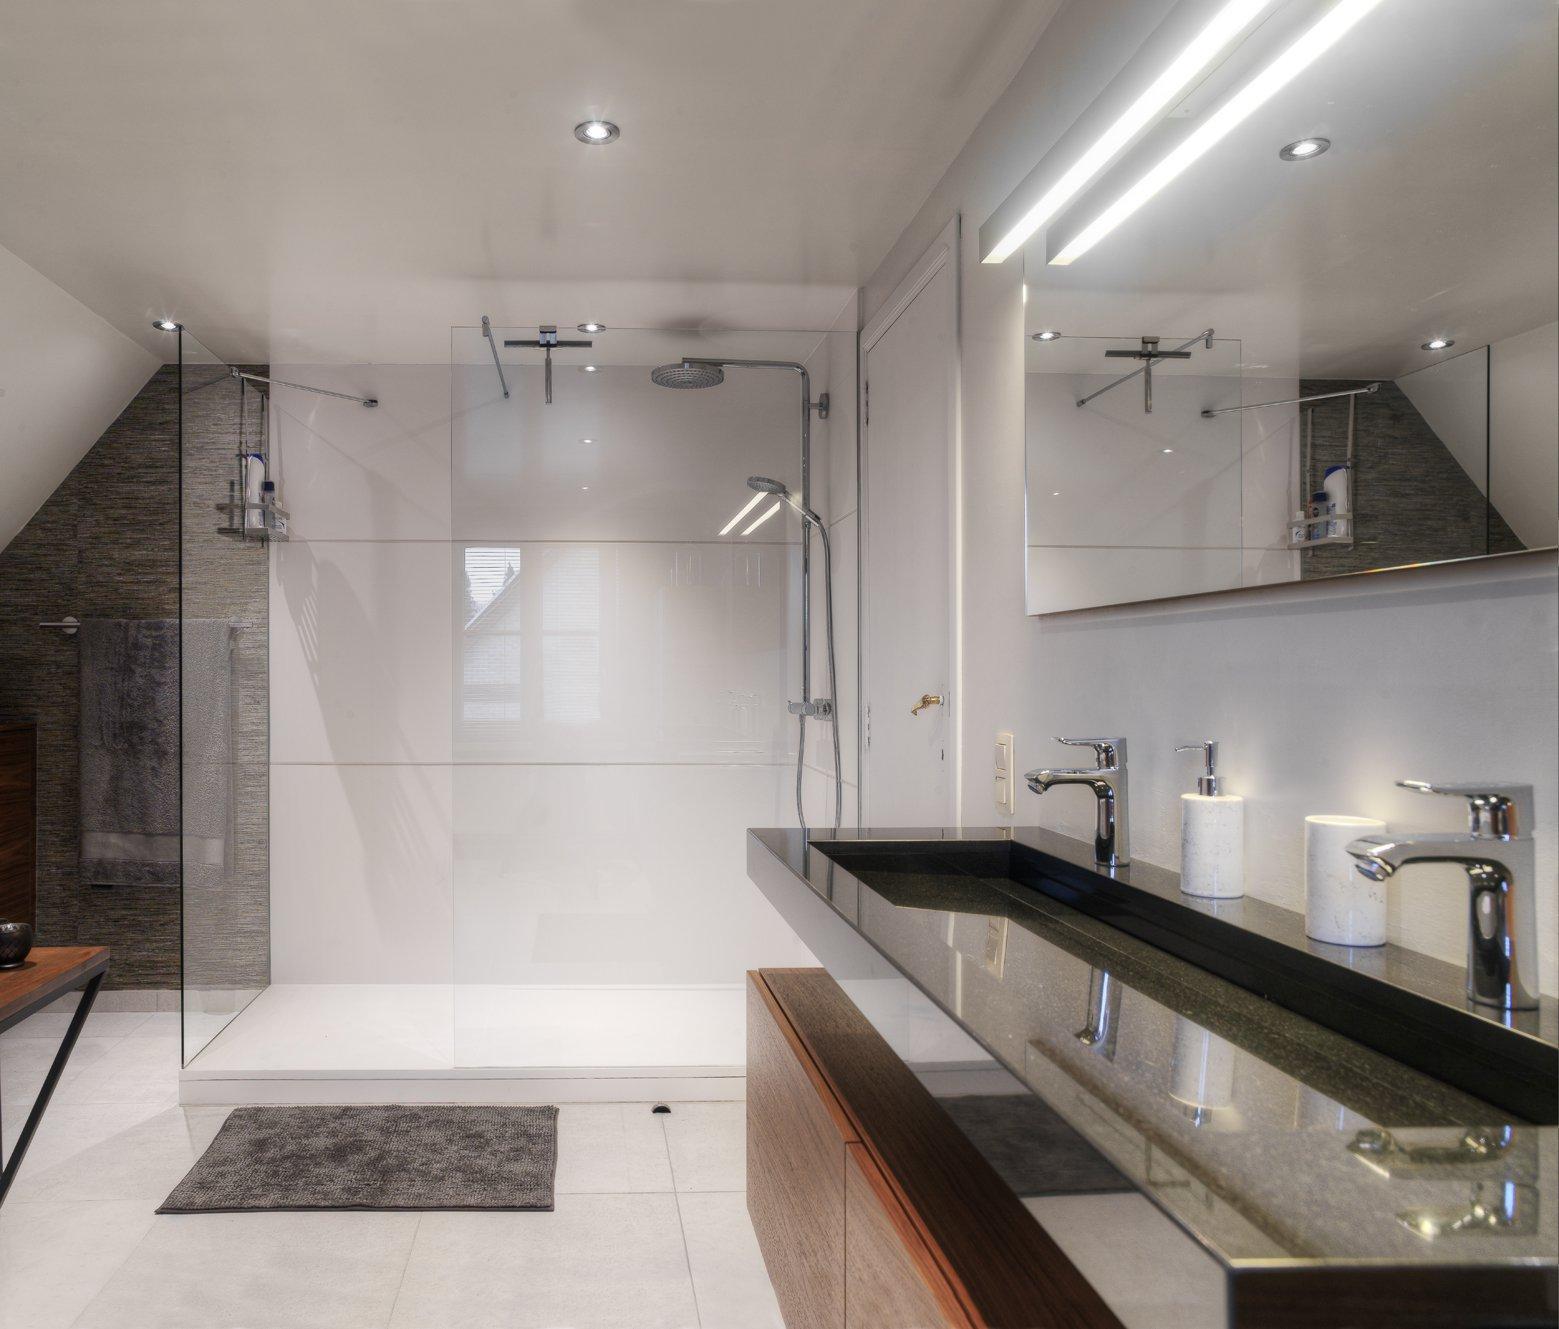 Assenti-badkamers-merk-Mijn-Bad-In-Stijl-badkamer-merken-4